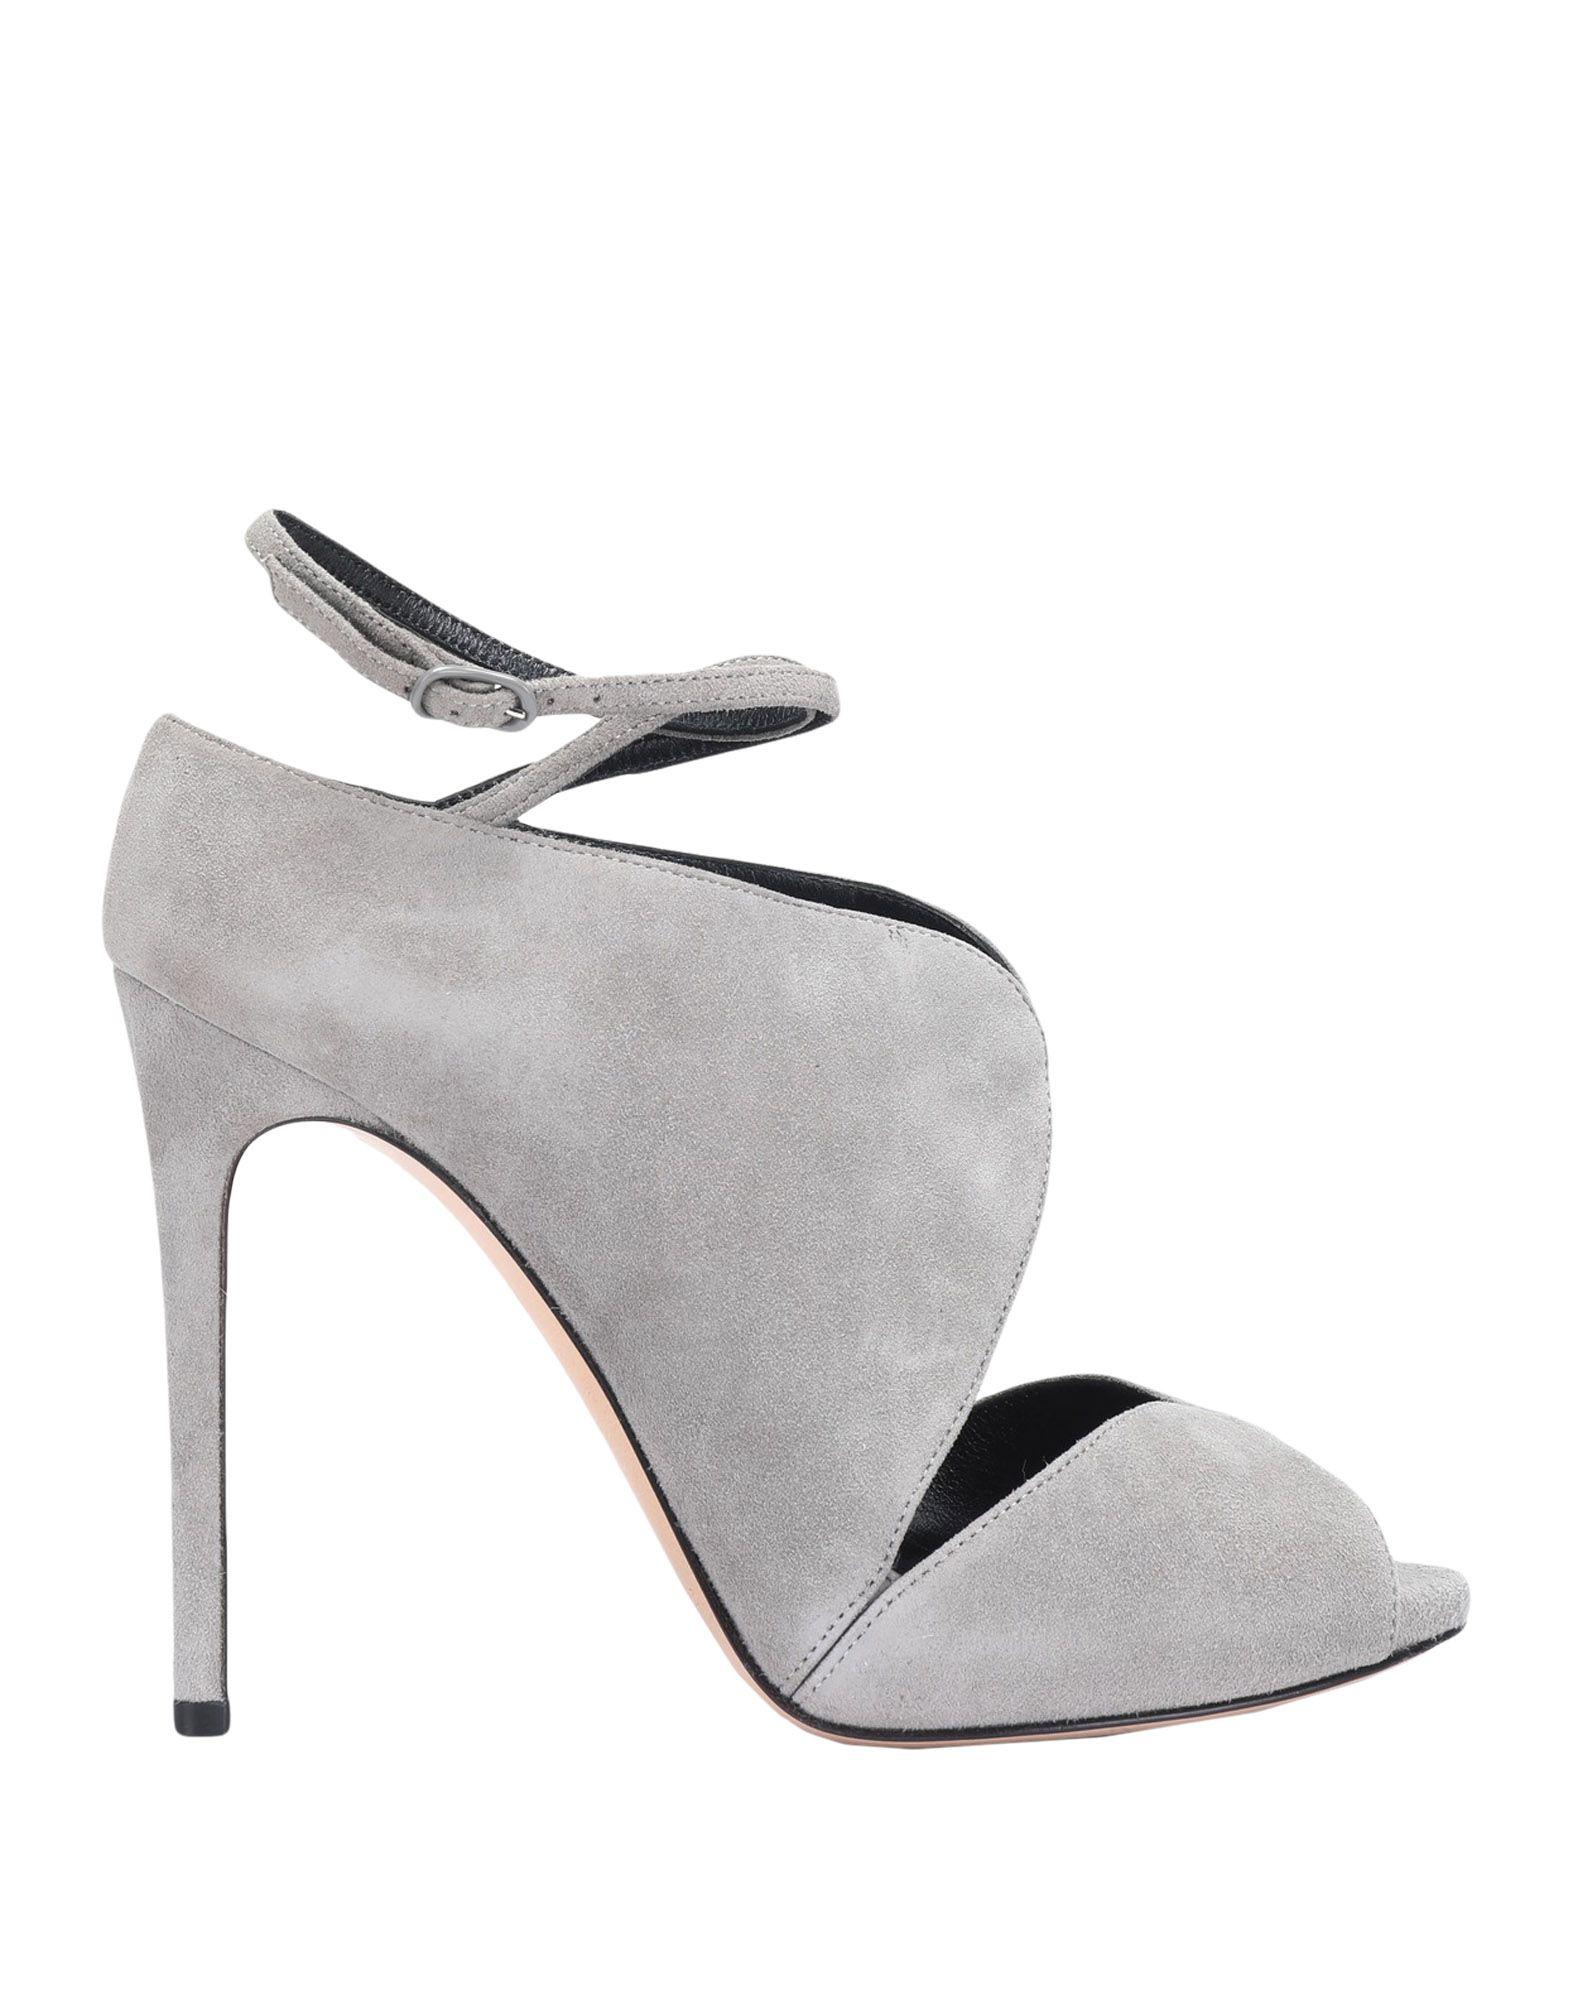 Casadei Sandalen aussehende Damen  11270162ELGünstige gut aussehende Sandalen Schuhe 798abb